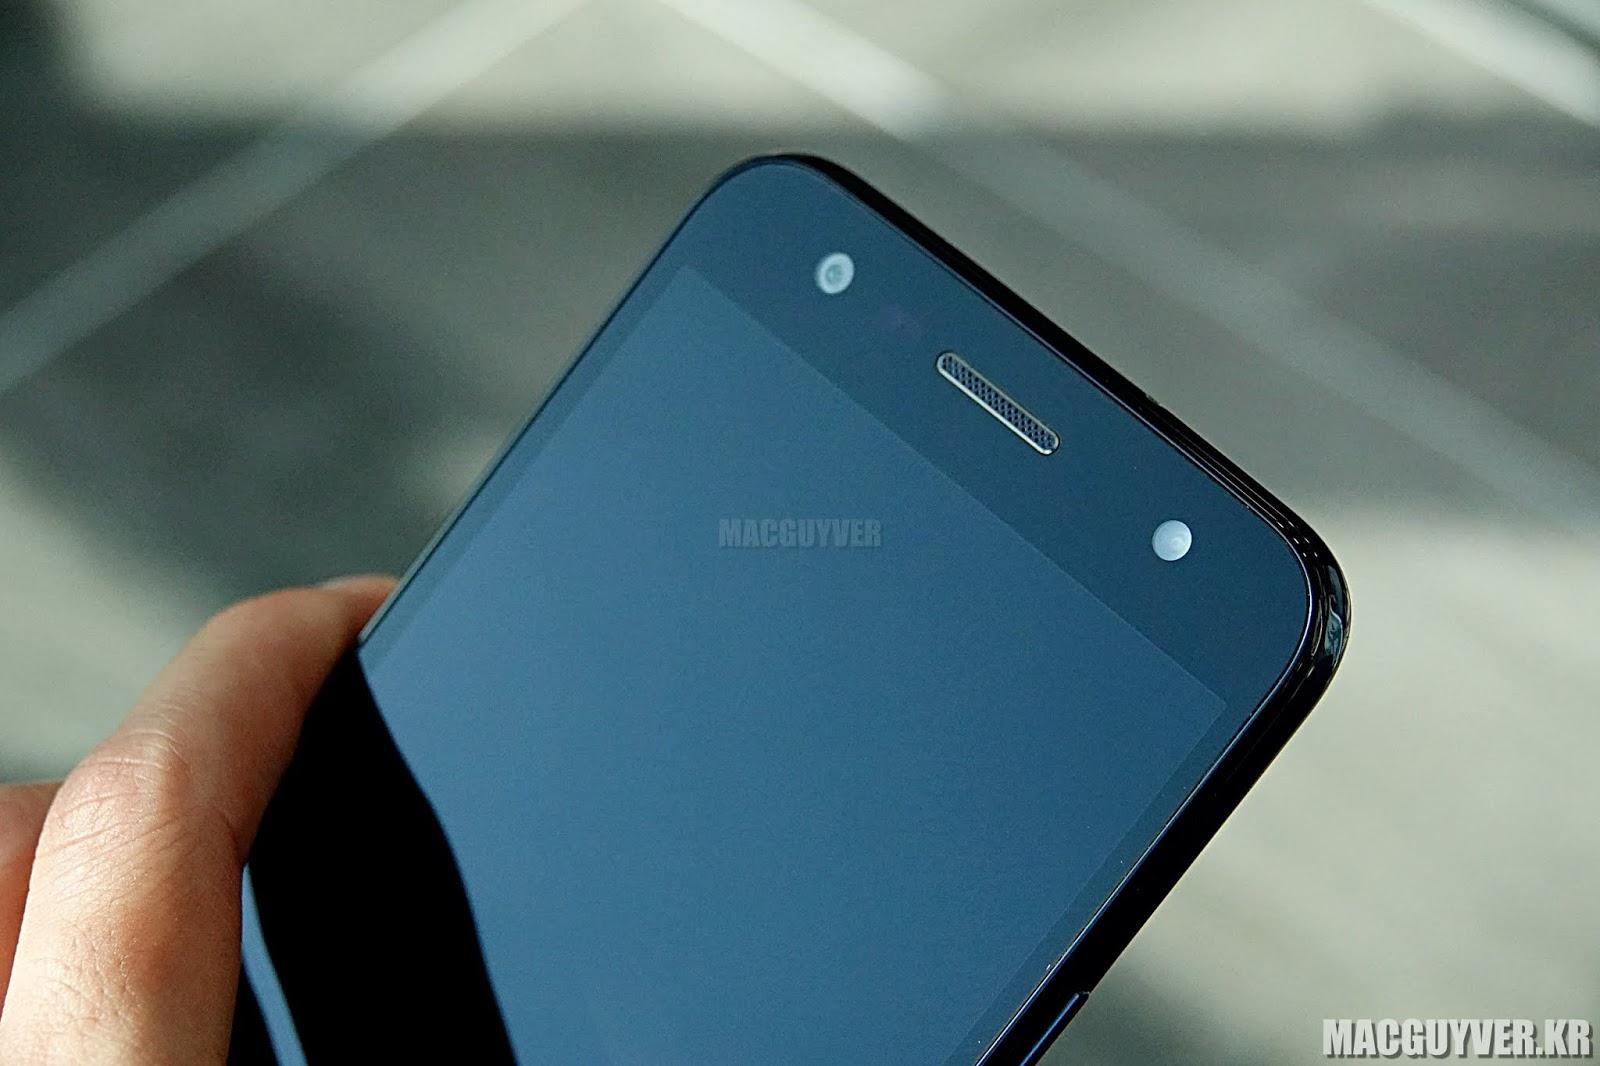 개봉기] LG X5 2018 언박싱, 배터리부터 카메라까지 스펙 톺아